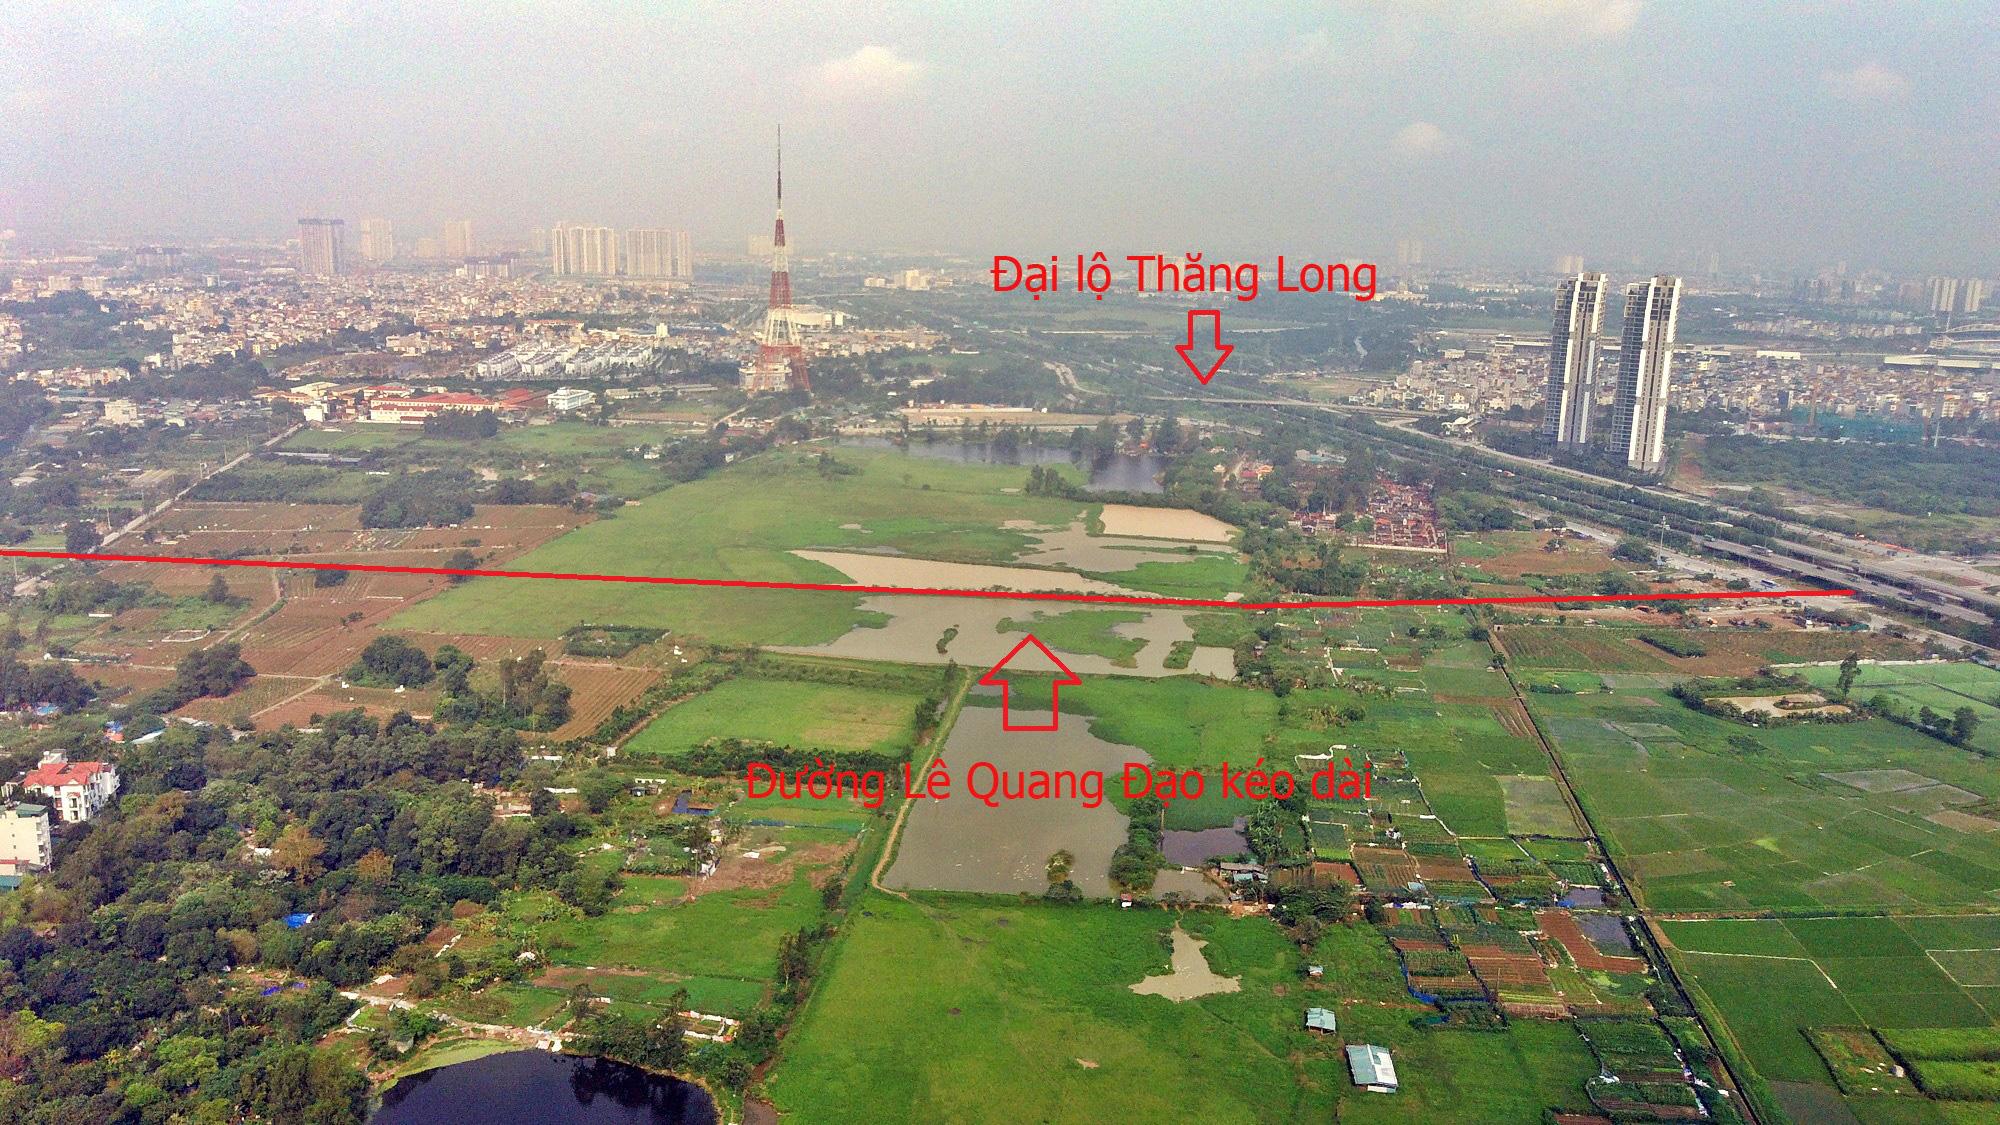 Đường sẽ mở theo qui hoạch ở Hà Nội: Toàn cảnh đường Lê Quang Đạo kéo dài qua KĐT Dương Nội - Ảnh 3.